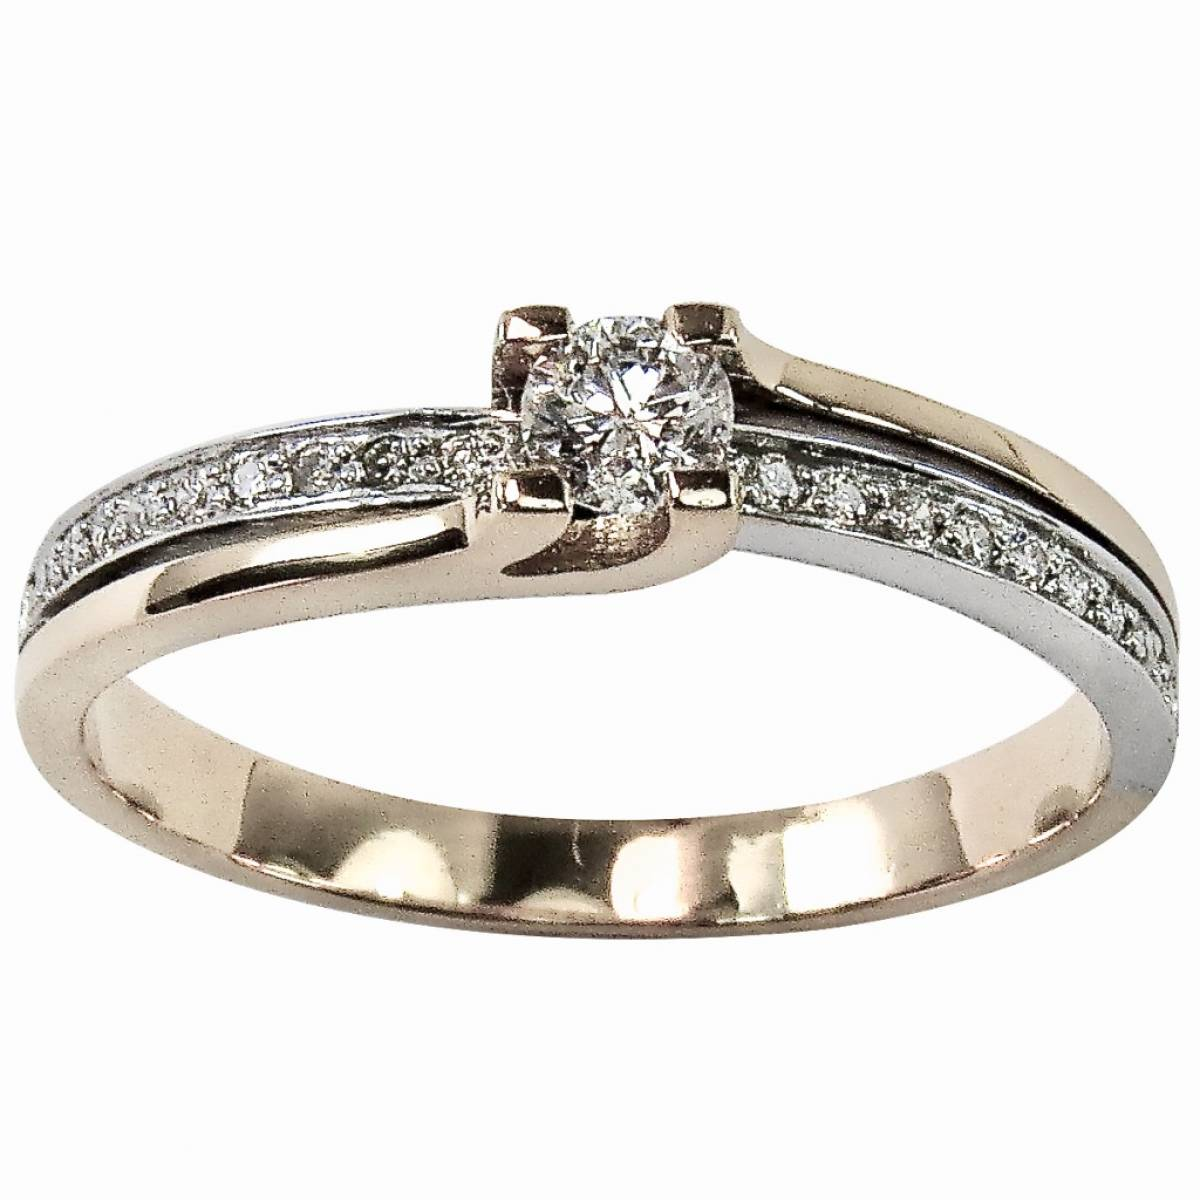 Anel de Noivado com diamantes ou zircónias em ouro branco